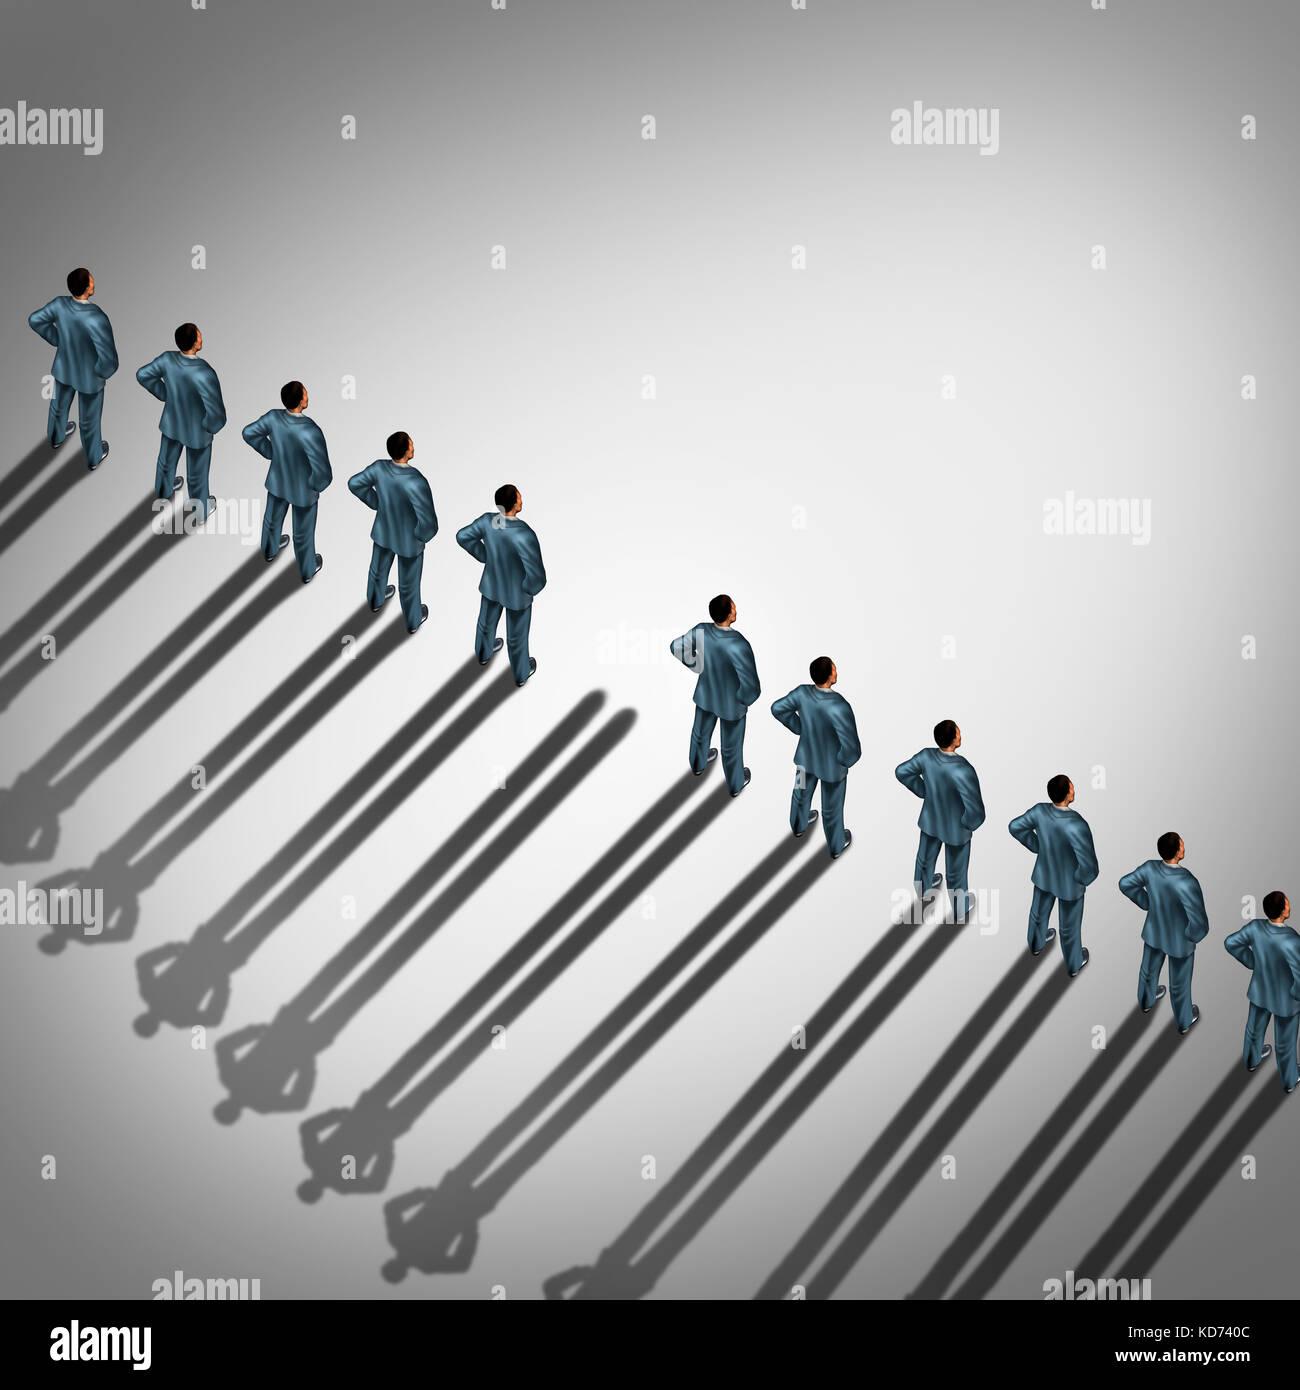 Mitarbeiter unsichtbar und anonym inaktiv Arbeiter als Business Beschäftigung oder Entlassung Konzept in einer Stockbild